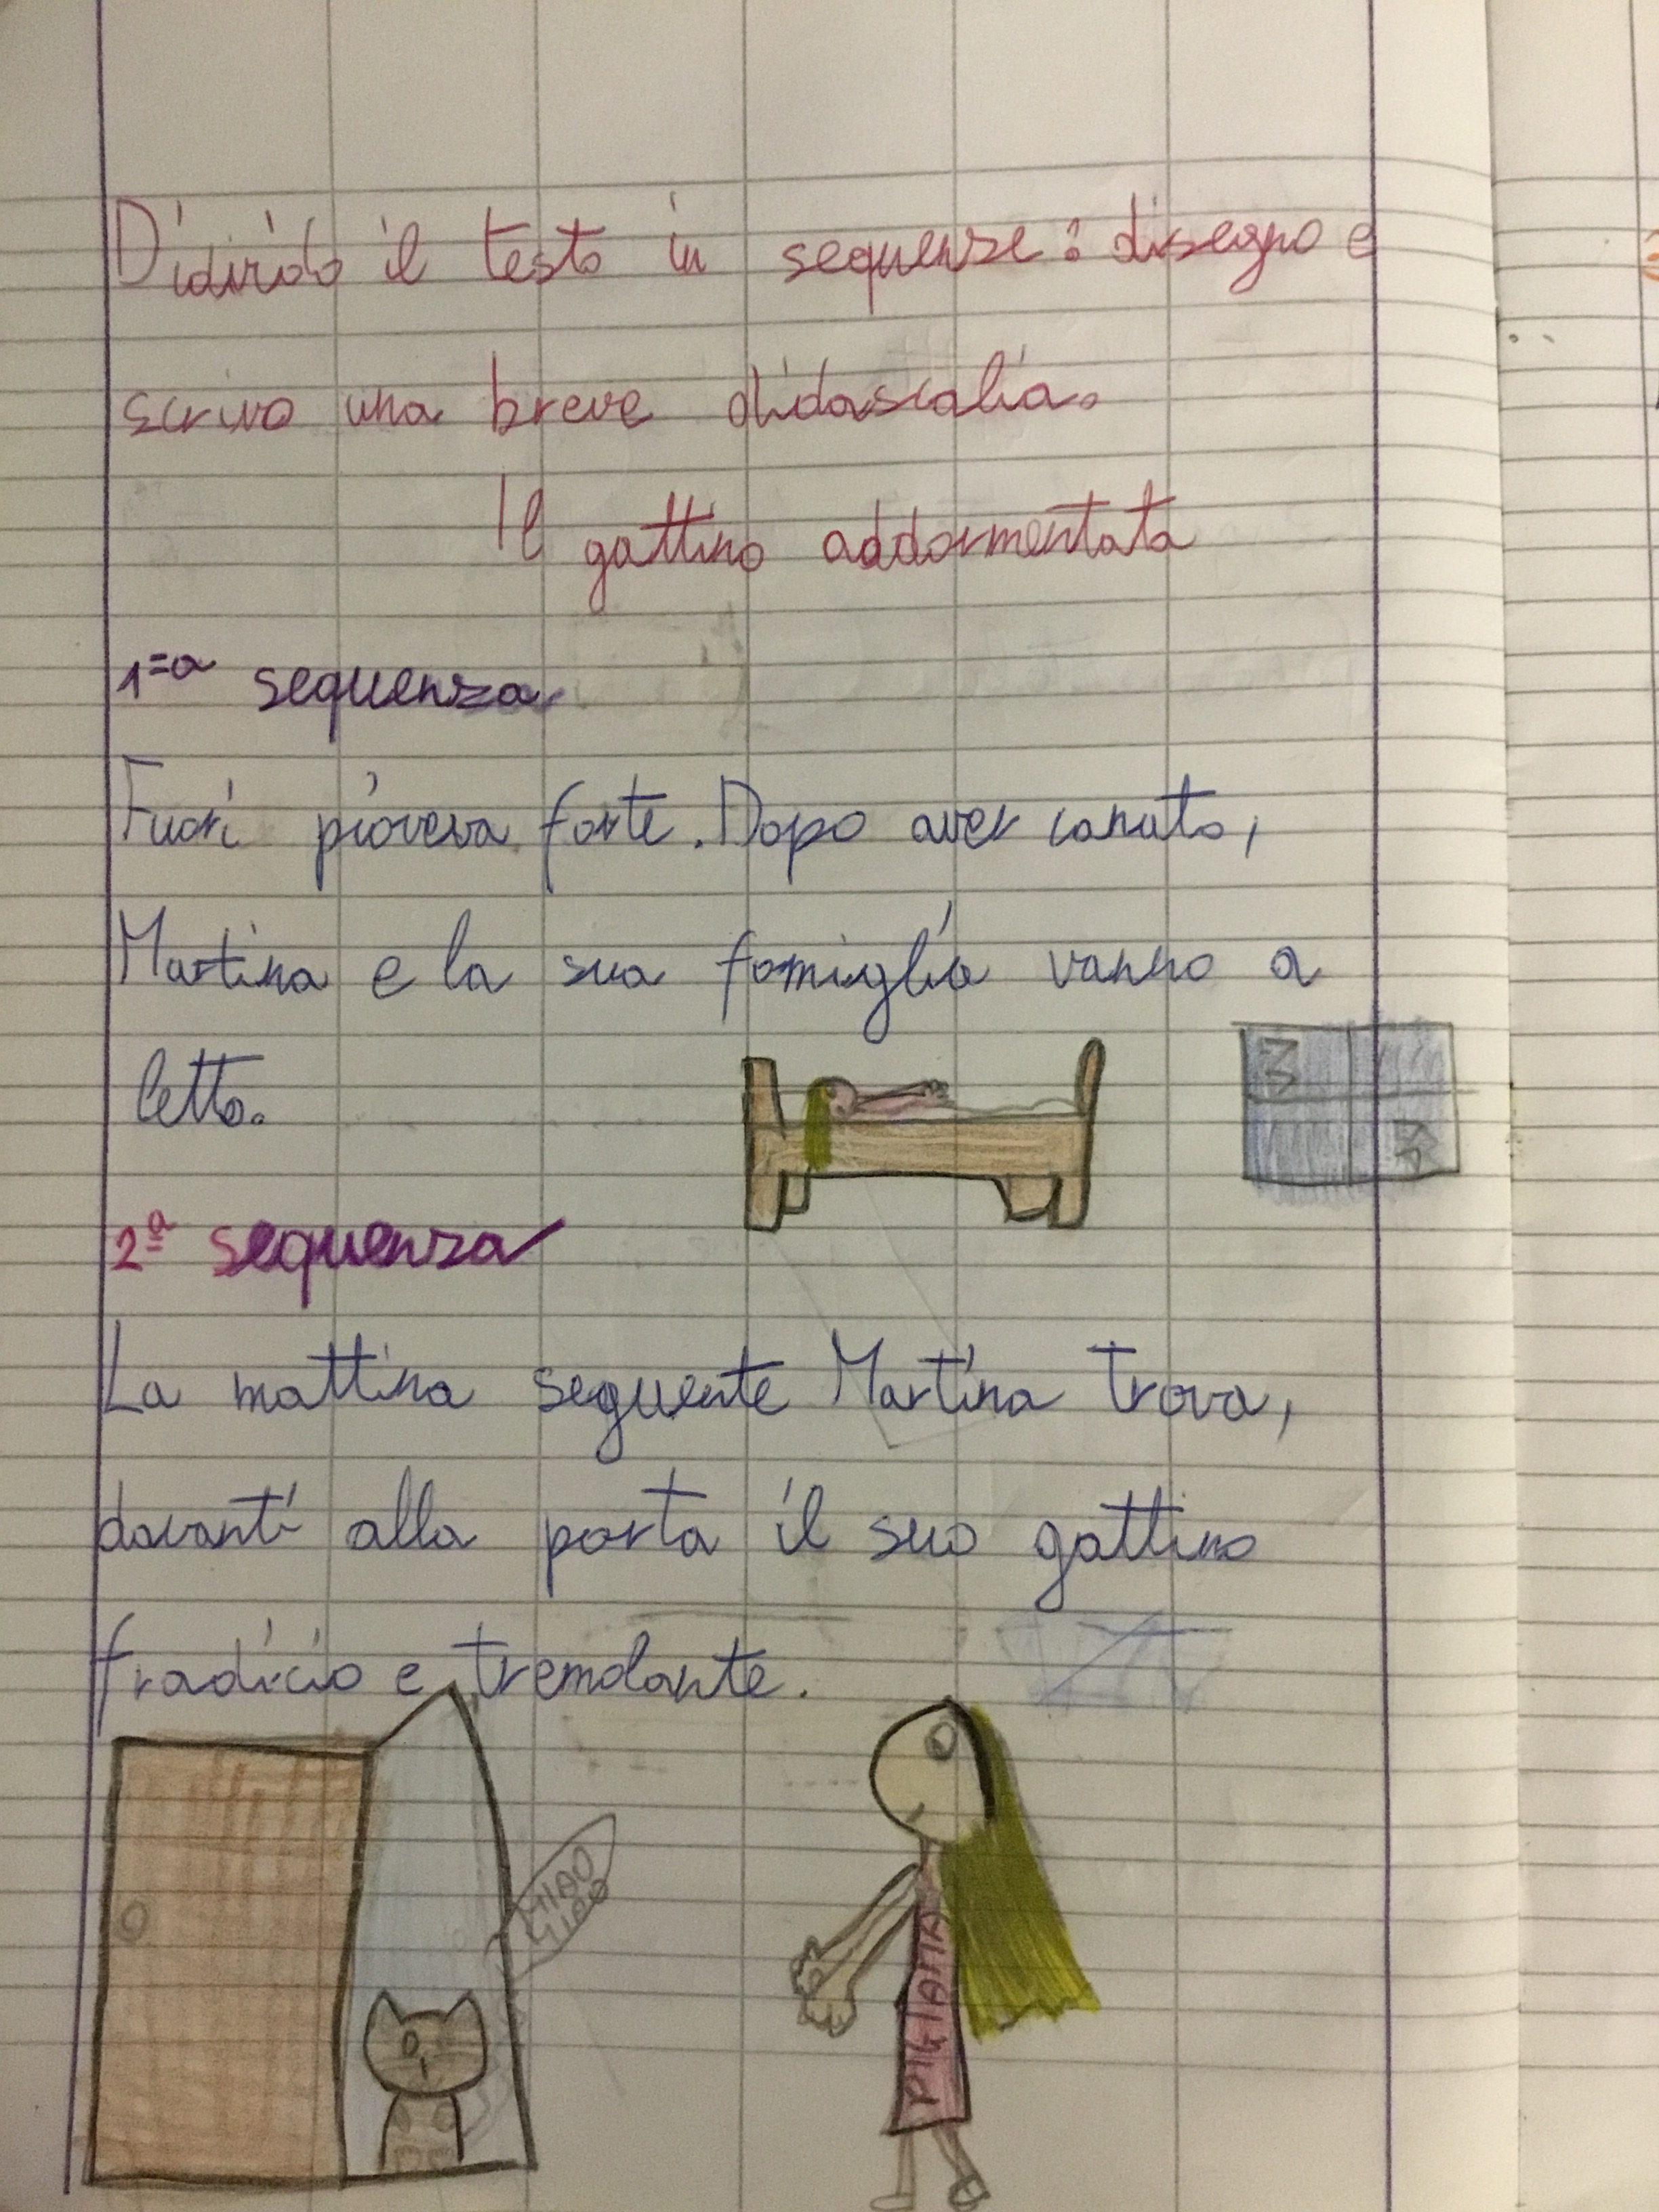 Descrivere Una Stanza Da Letto In Inglese.Quaderno Di Italiano Classe 3 Il Testo Descrittivo 1 Blog Di Maestra Mile